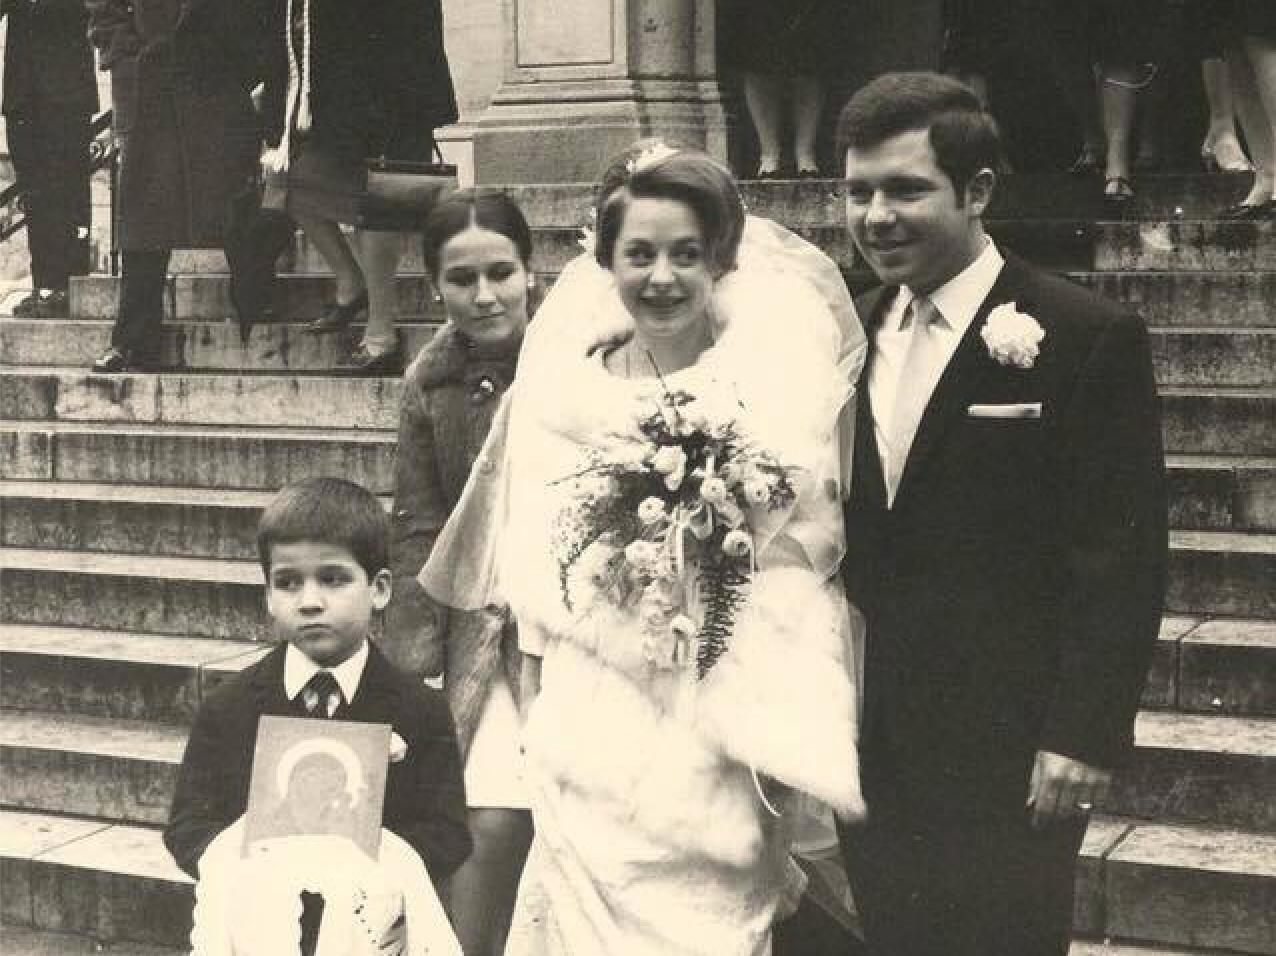 Mariage de Maria et Alexandre Pouchkine à Paris